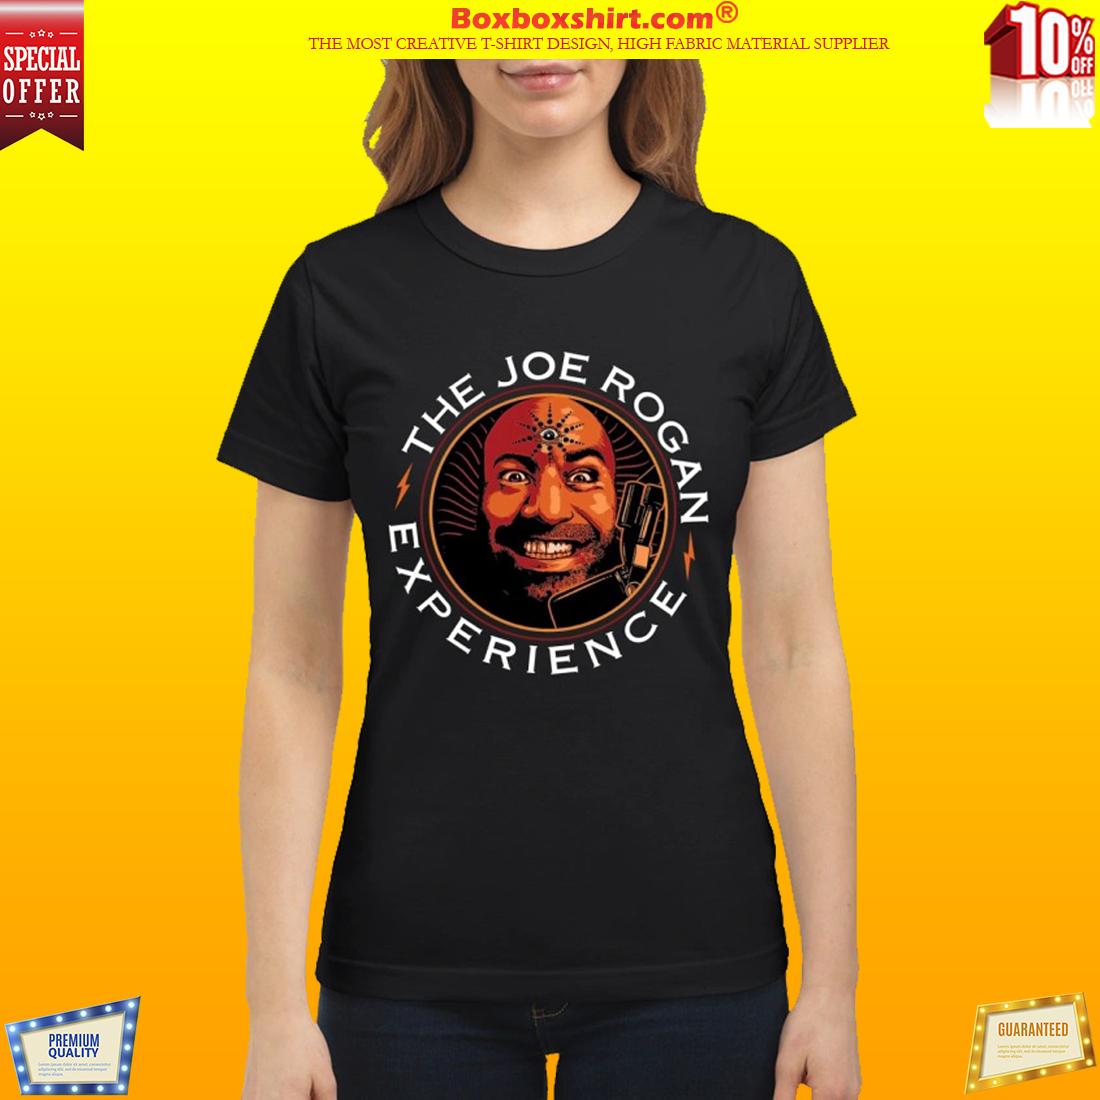 The Joe Rogan face experience classic shirt